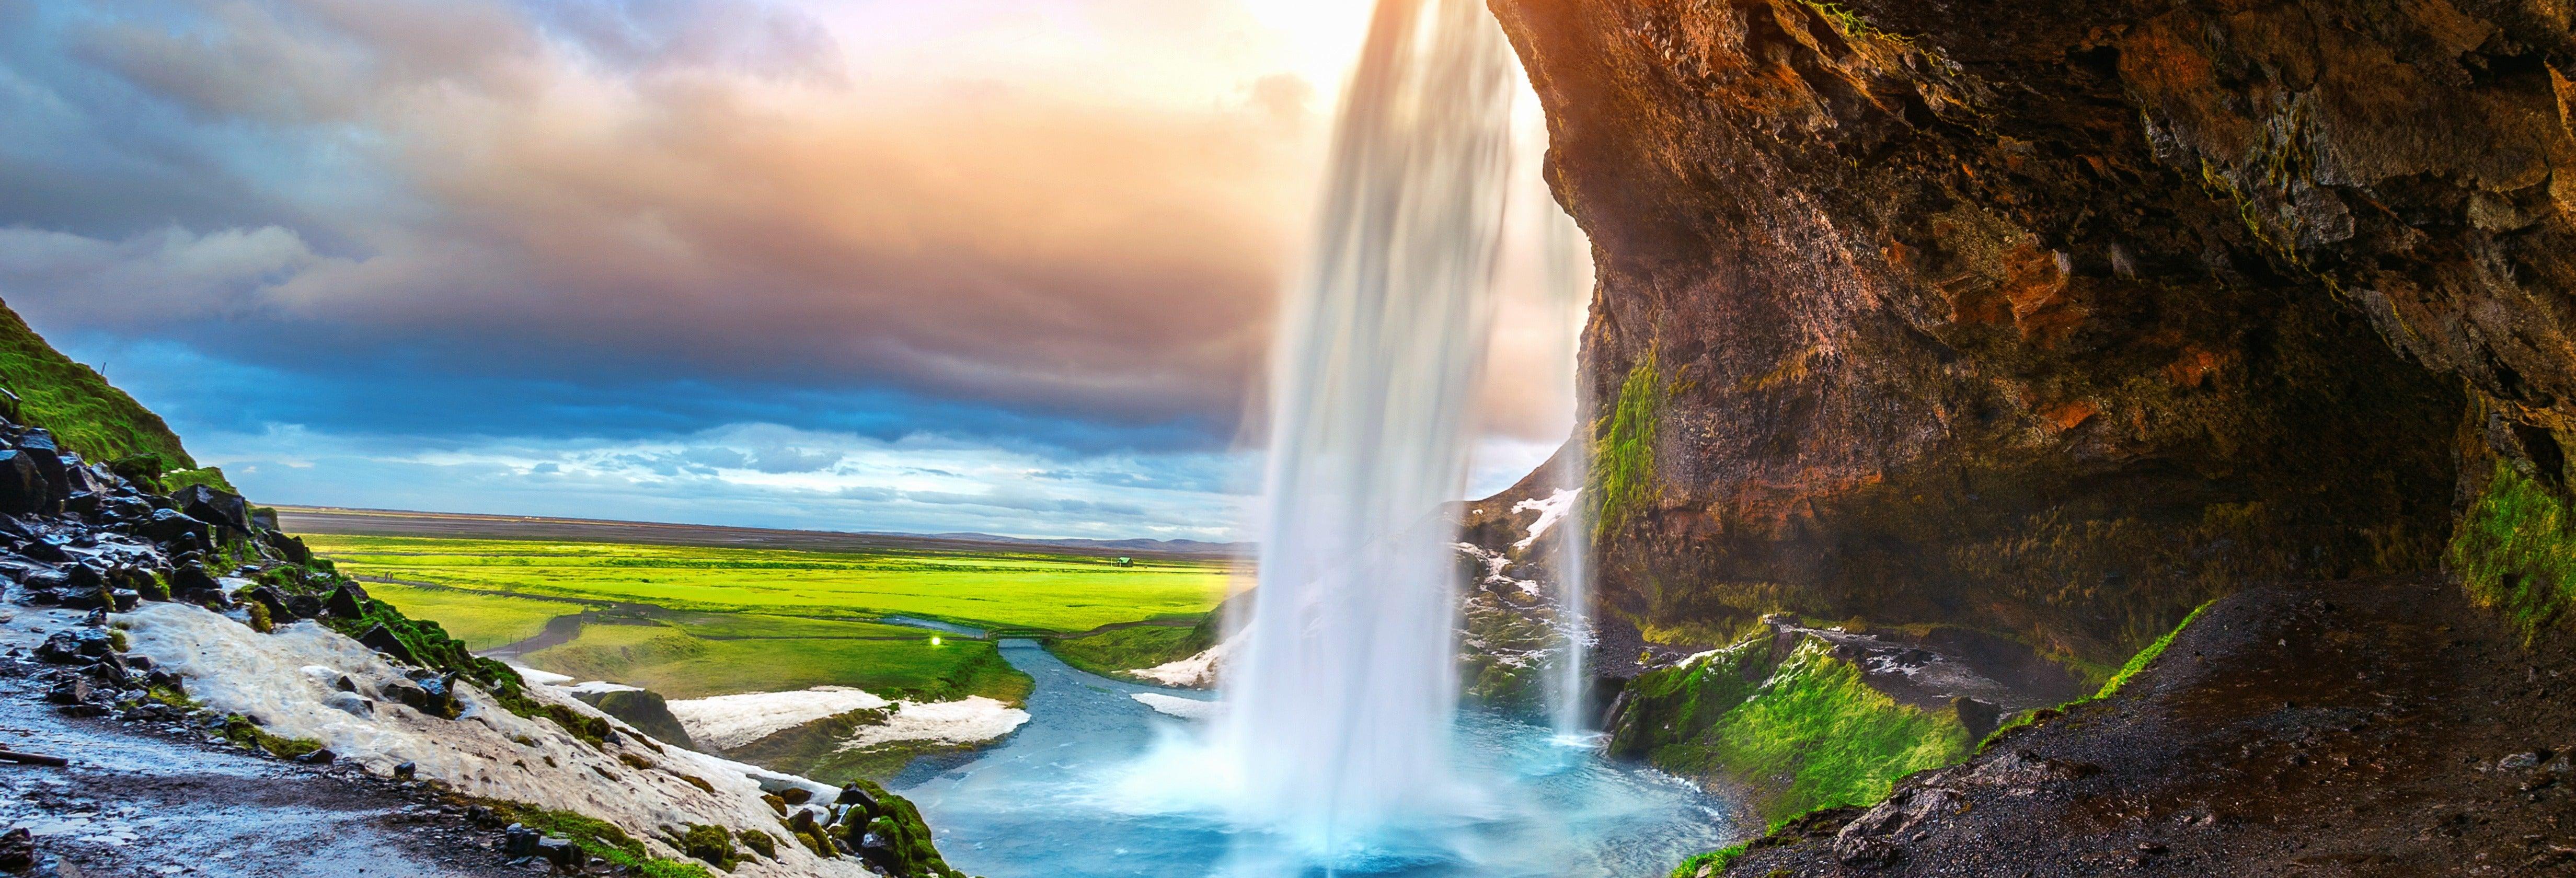 Costa sul e cascatas da Islândia